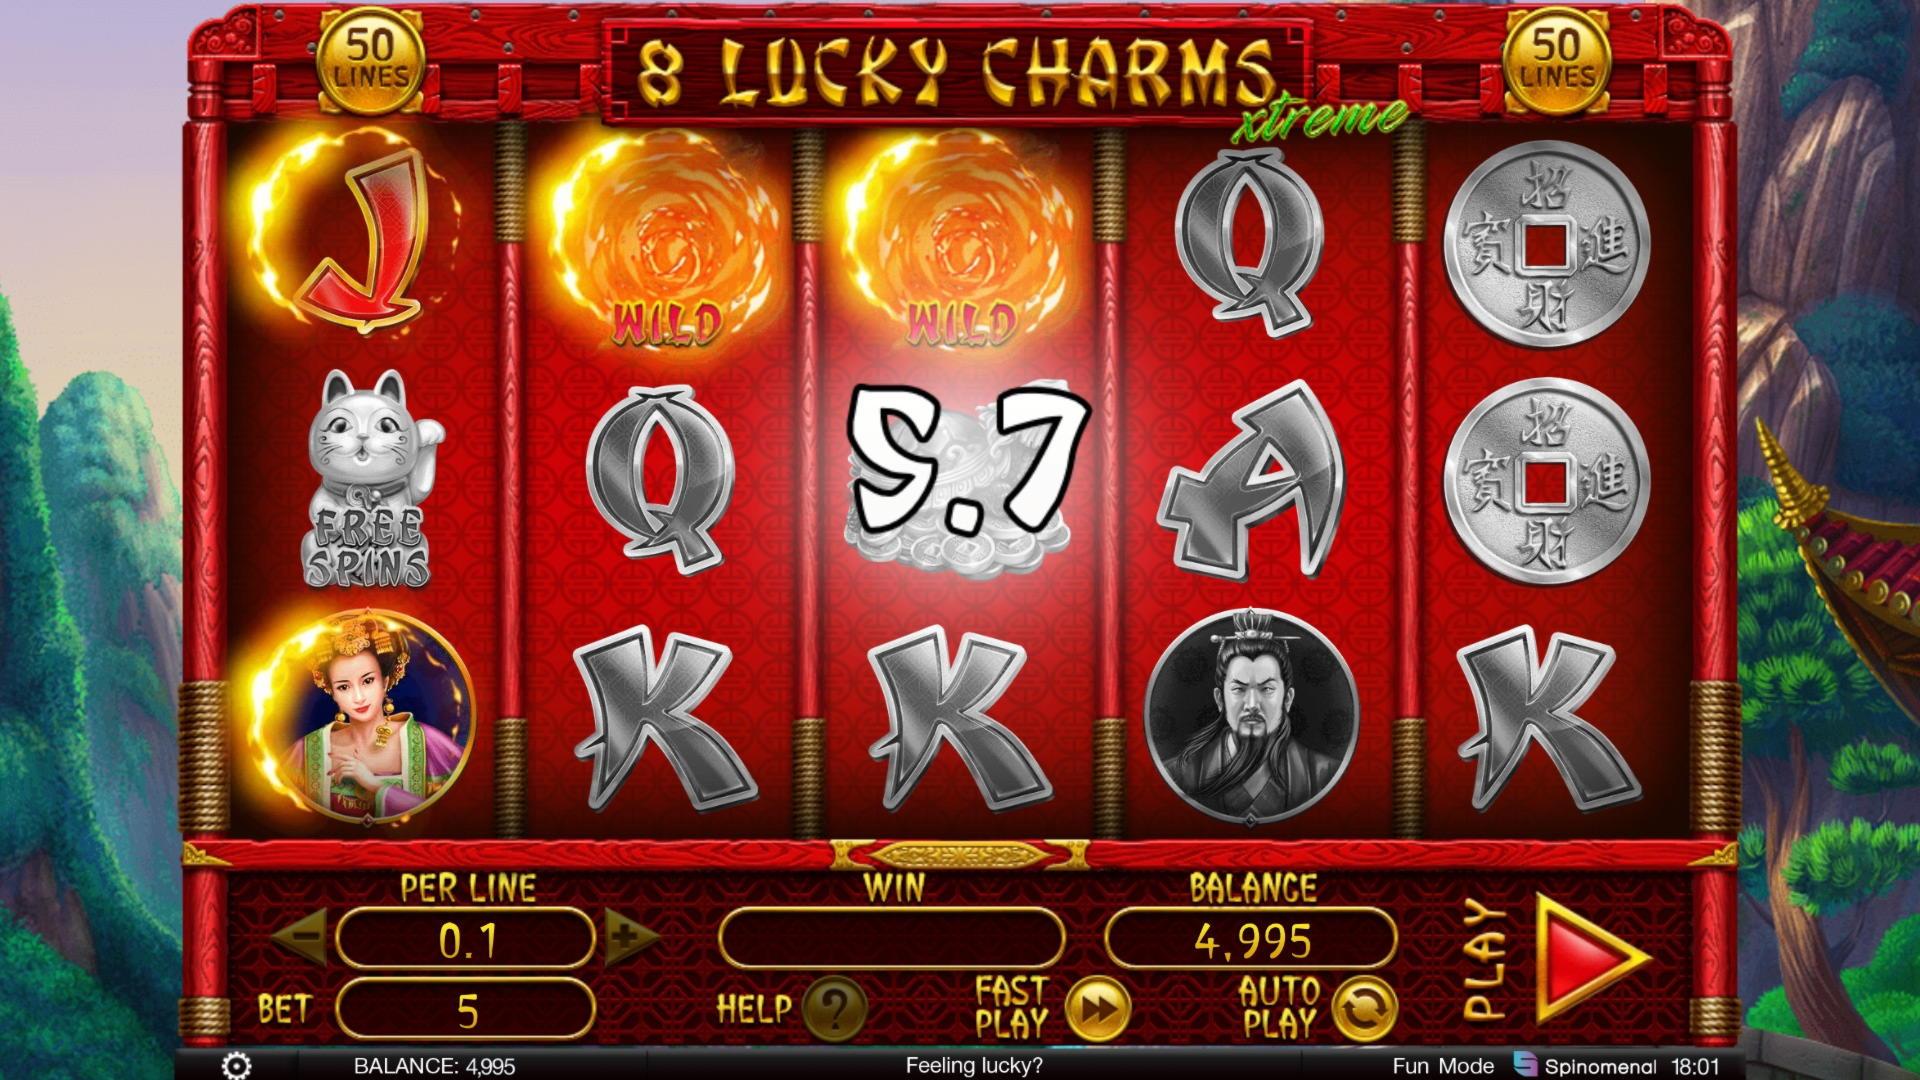 $185 FREE Casino Chip at Villa Fortuna Casino